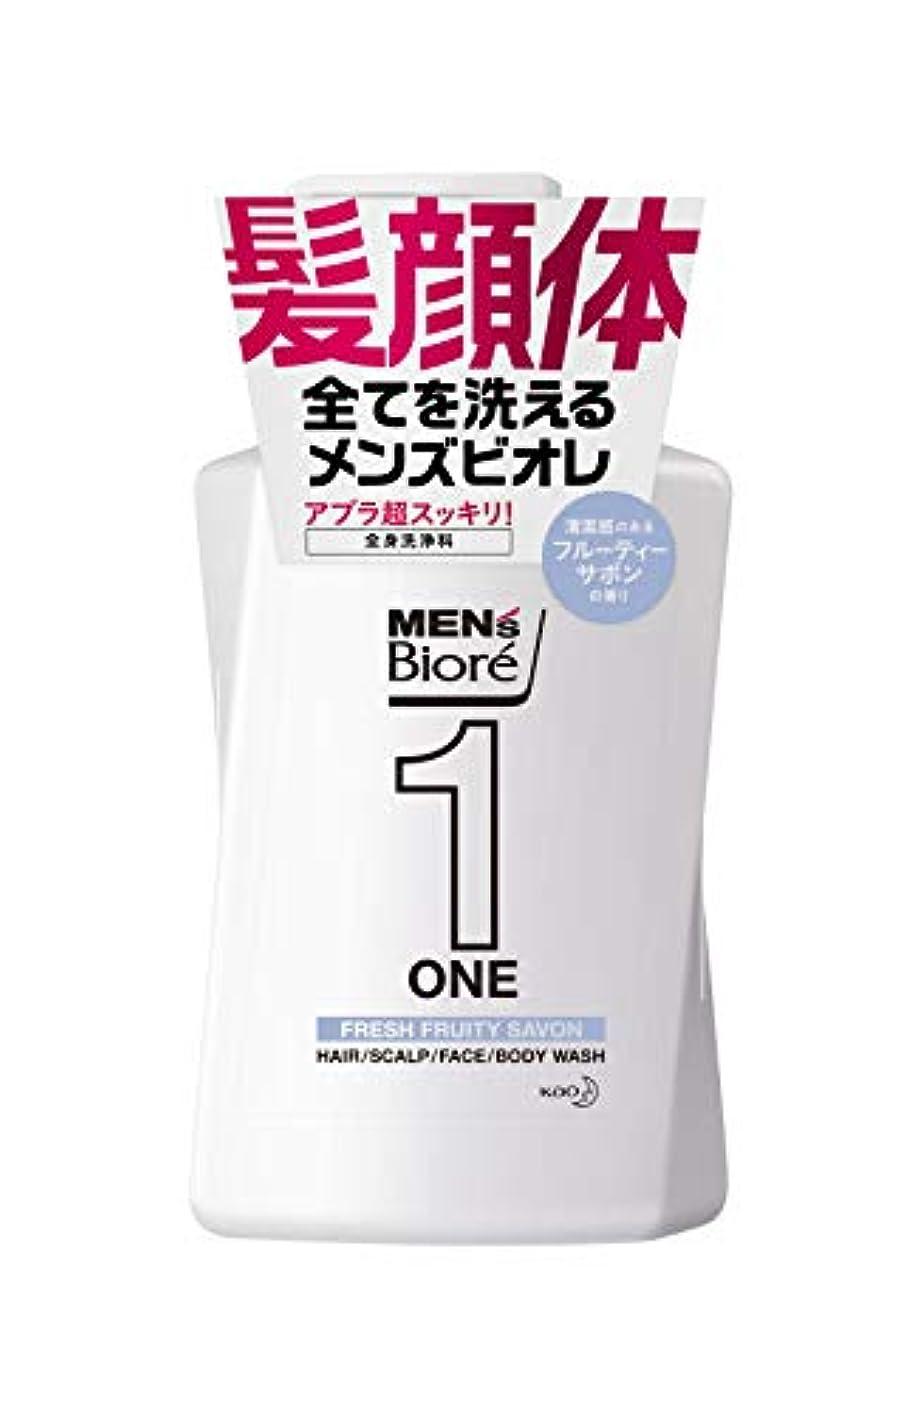 品種郵便番号話メンズビオレ ONE オールインワン全身洗浄料 フルーティーサボンの香り ポンプ 480ml